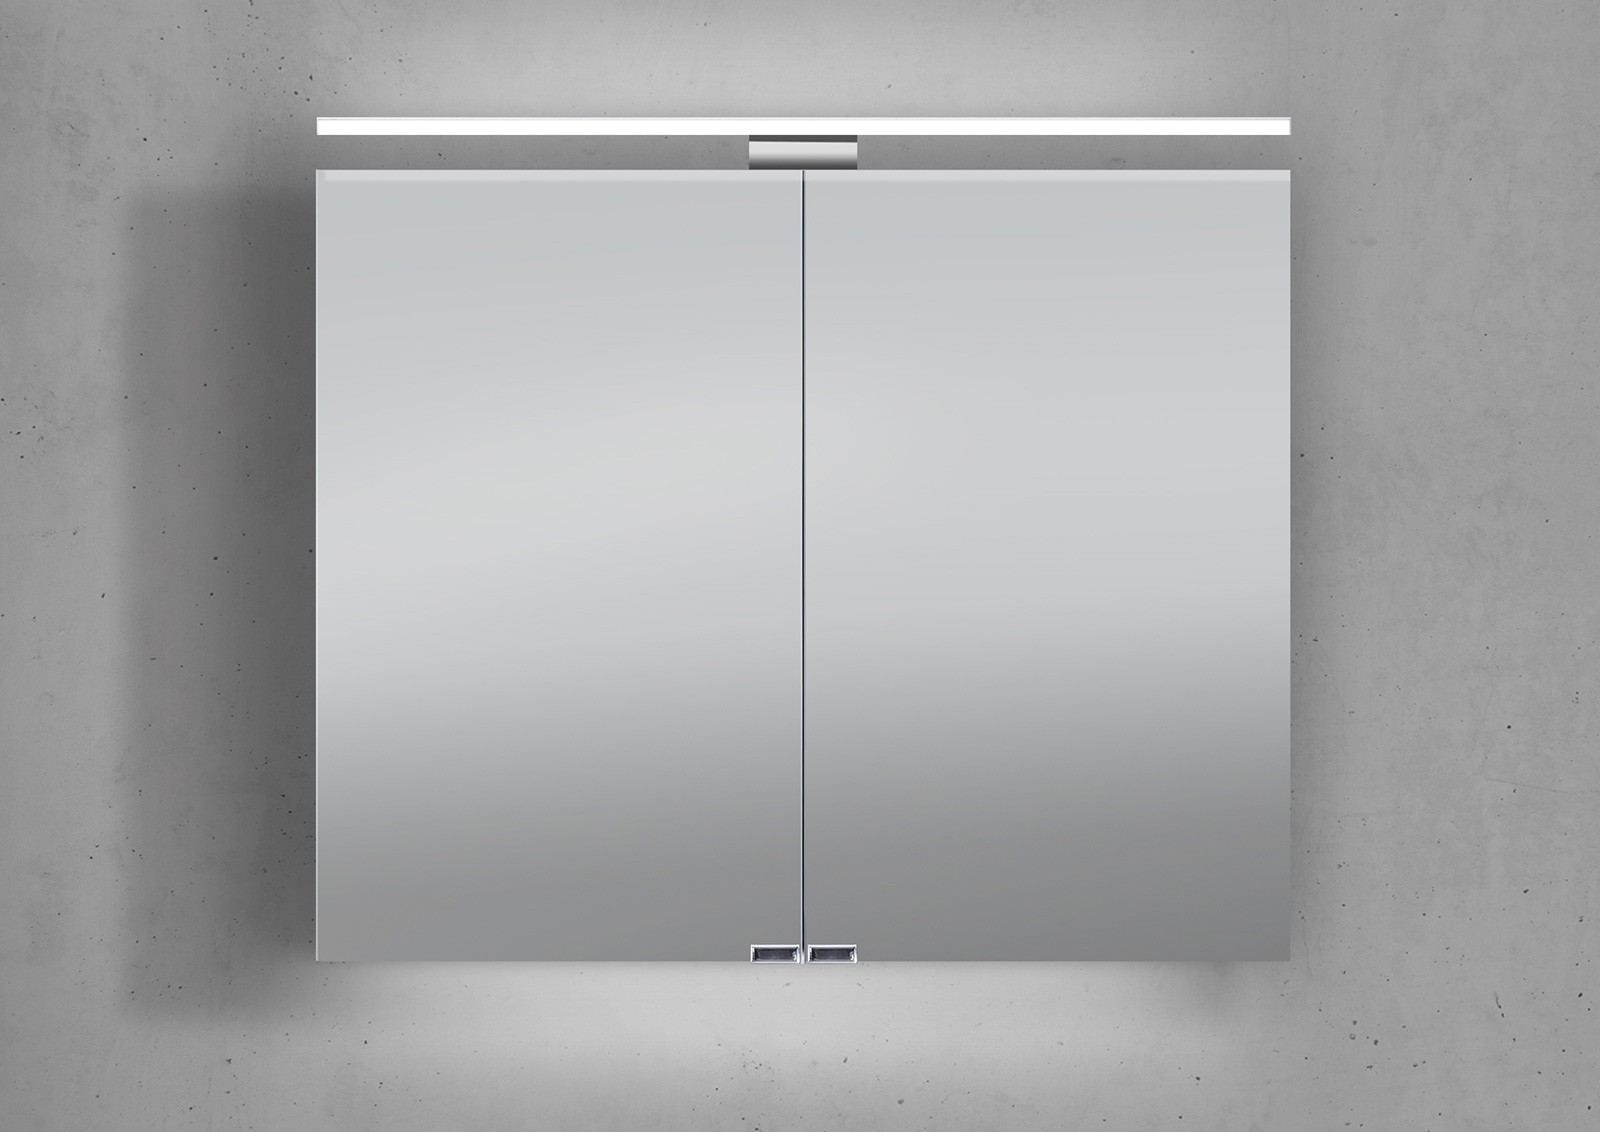 Relativ Spiegelschrank Mit Beleuchtung 80 Cm Breit MJ06 – Hitoiro GH53